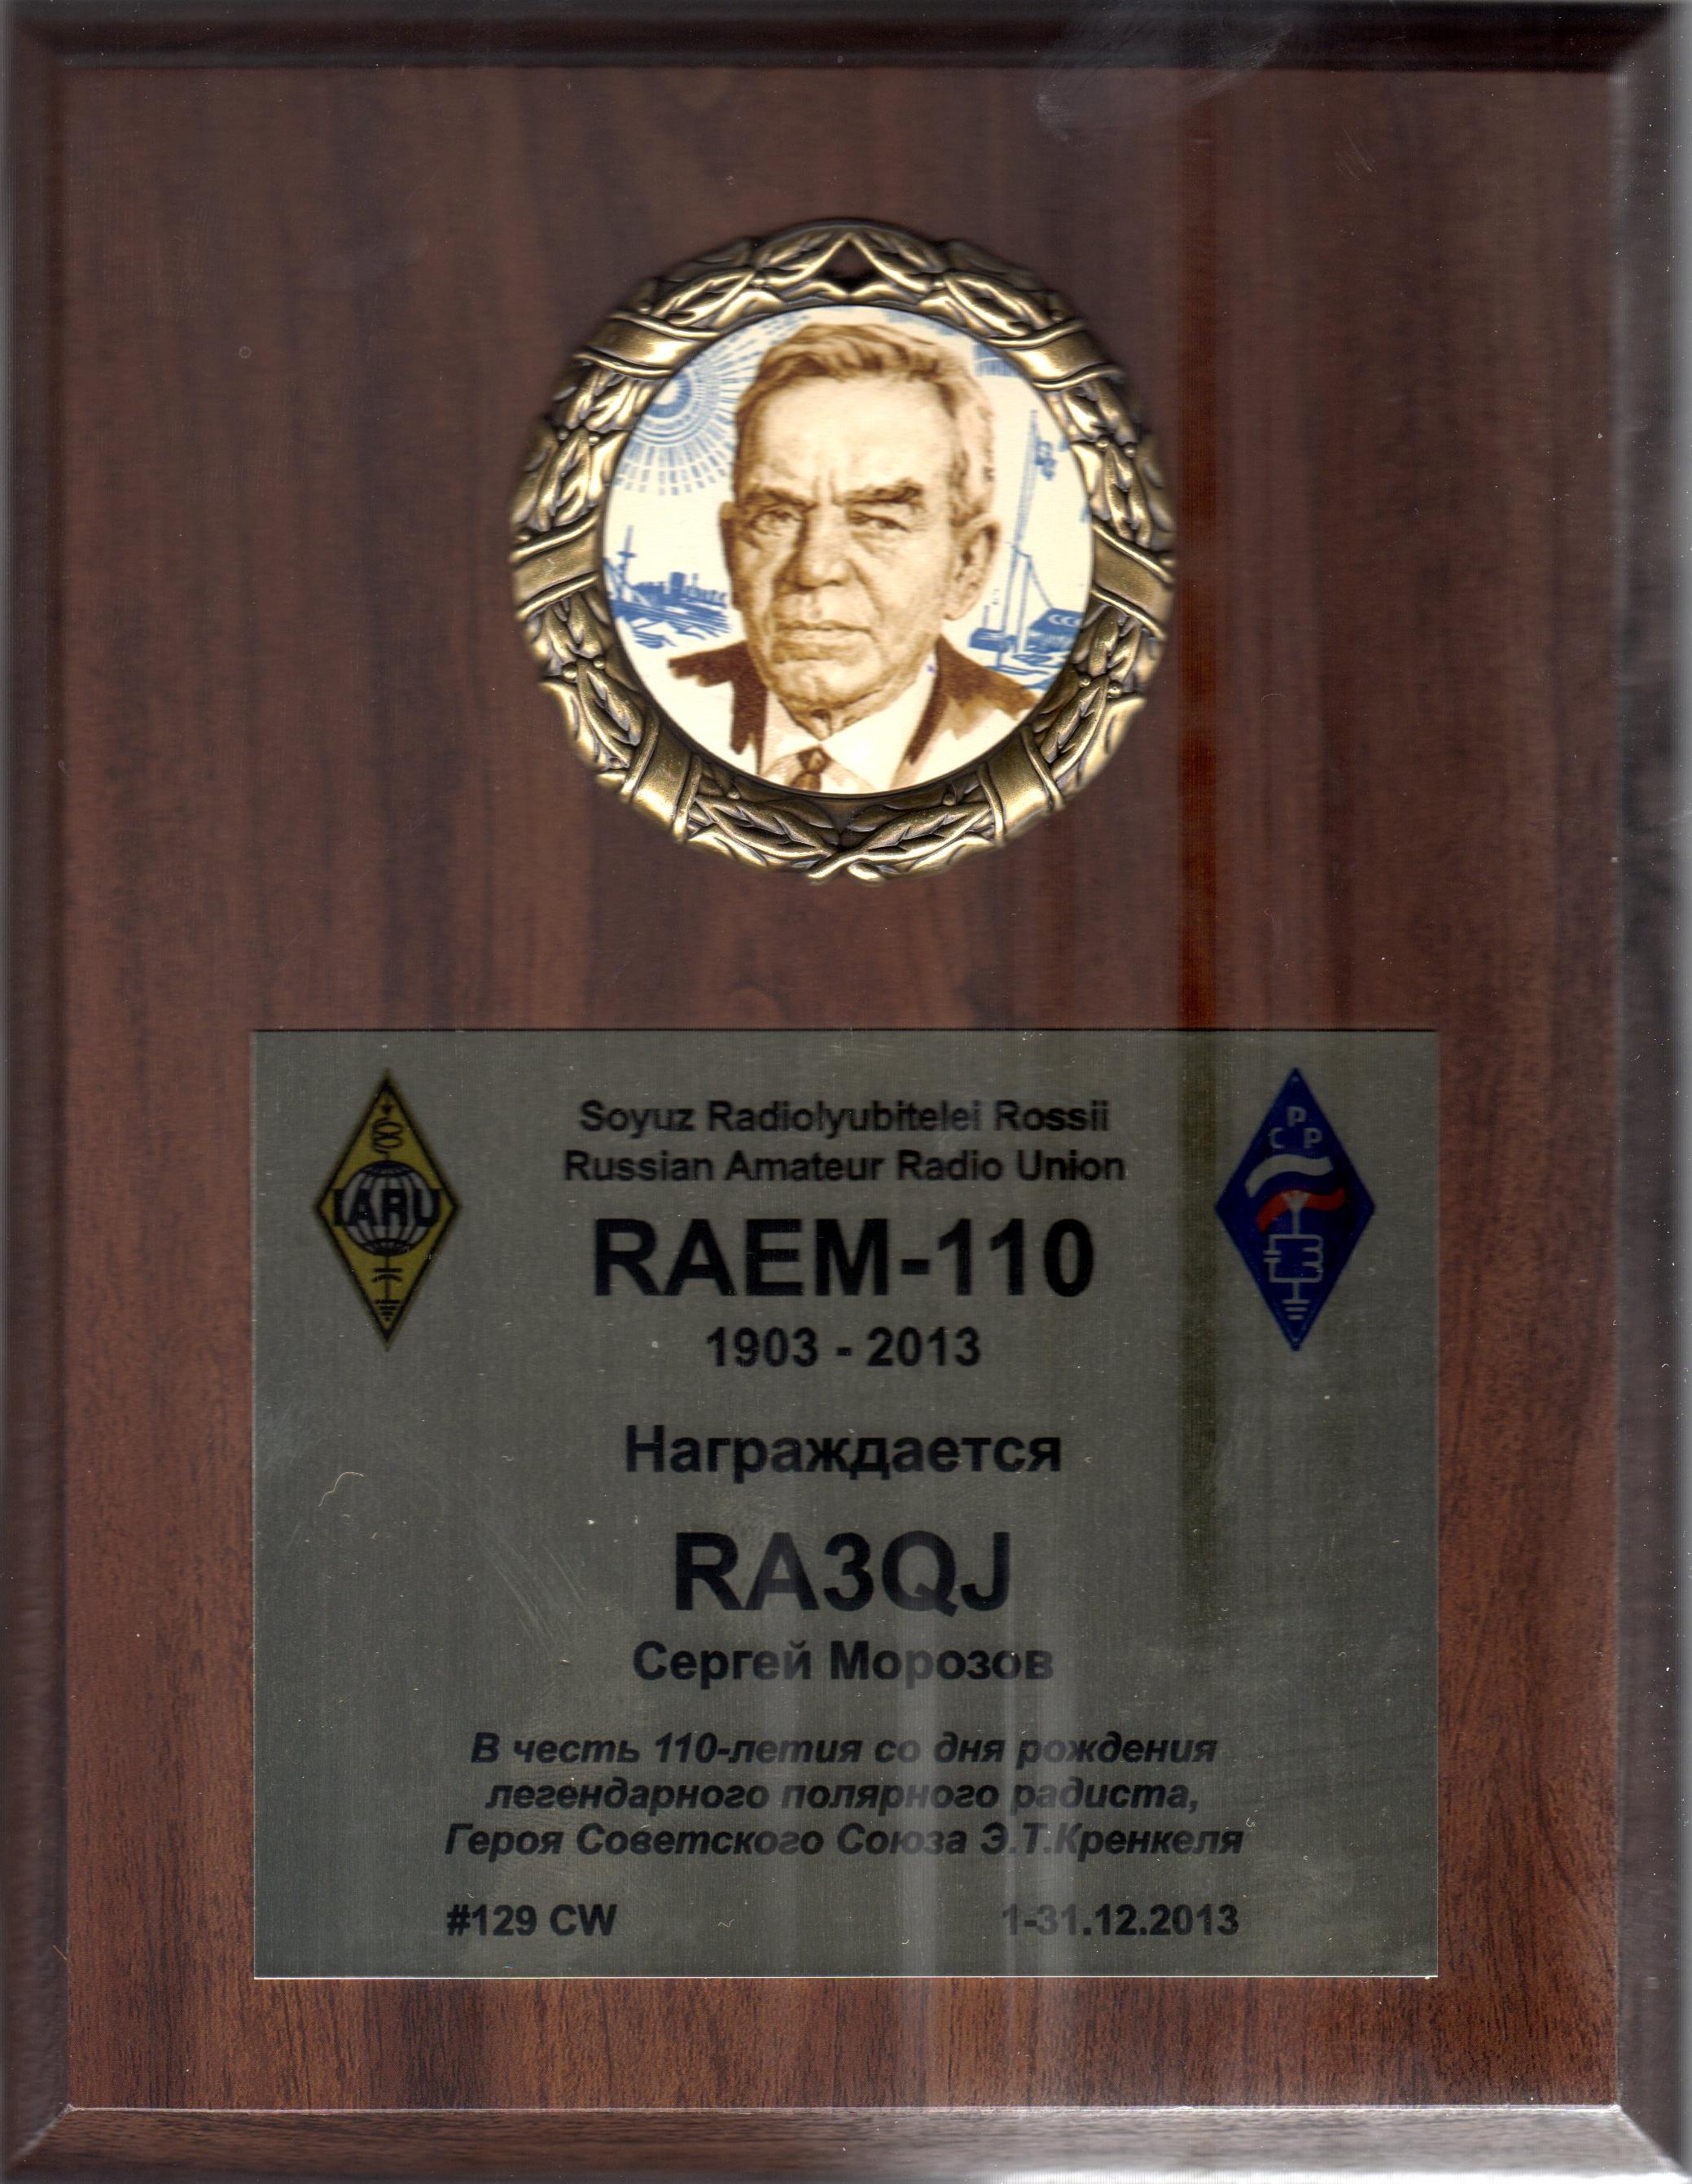 Нажмите на изображение для увеличения.  Название:RAEM.jpg Просмотров:87 Размер:556.0 Кб ID:126067